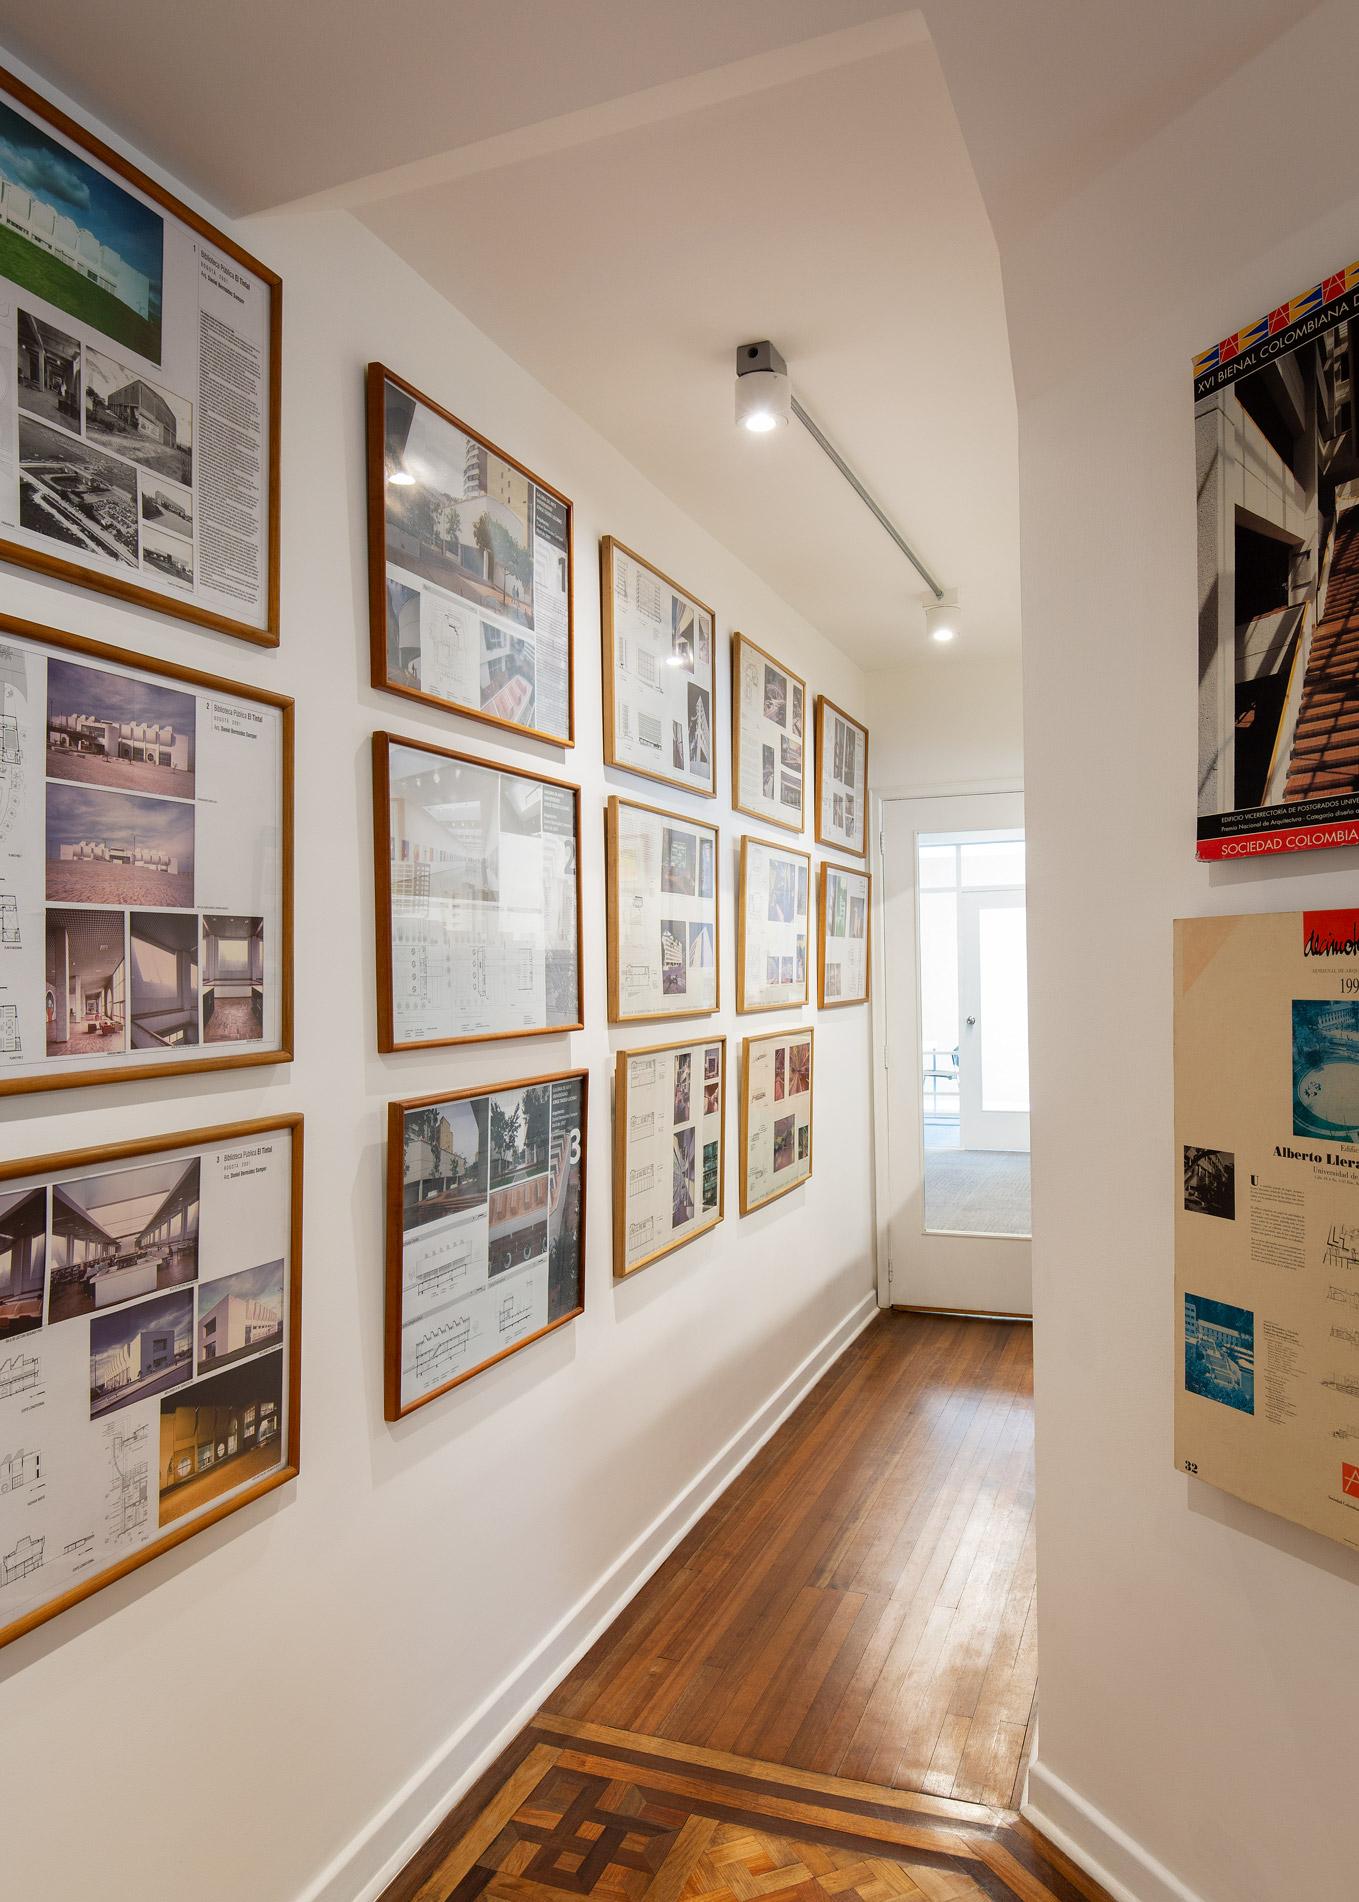 03.bermudez.arquitectos.bogota.simon.bosch.photography.architecture.interior